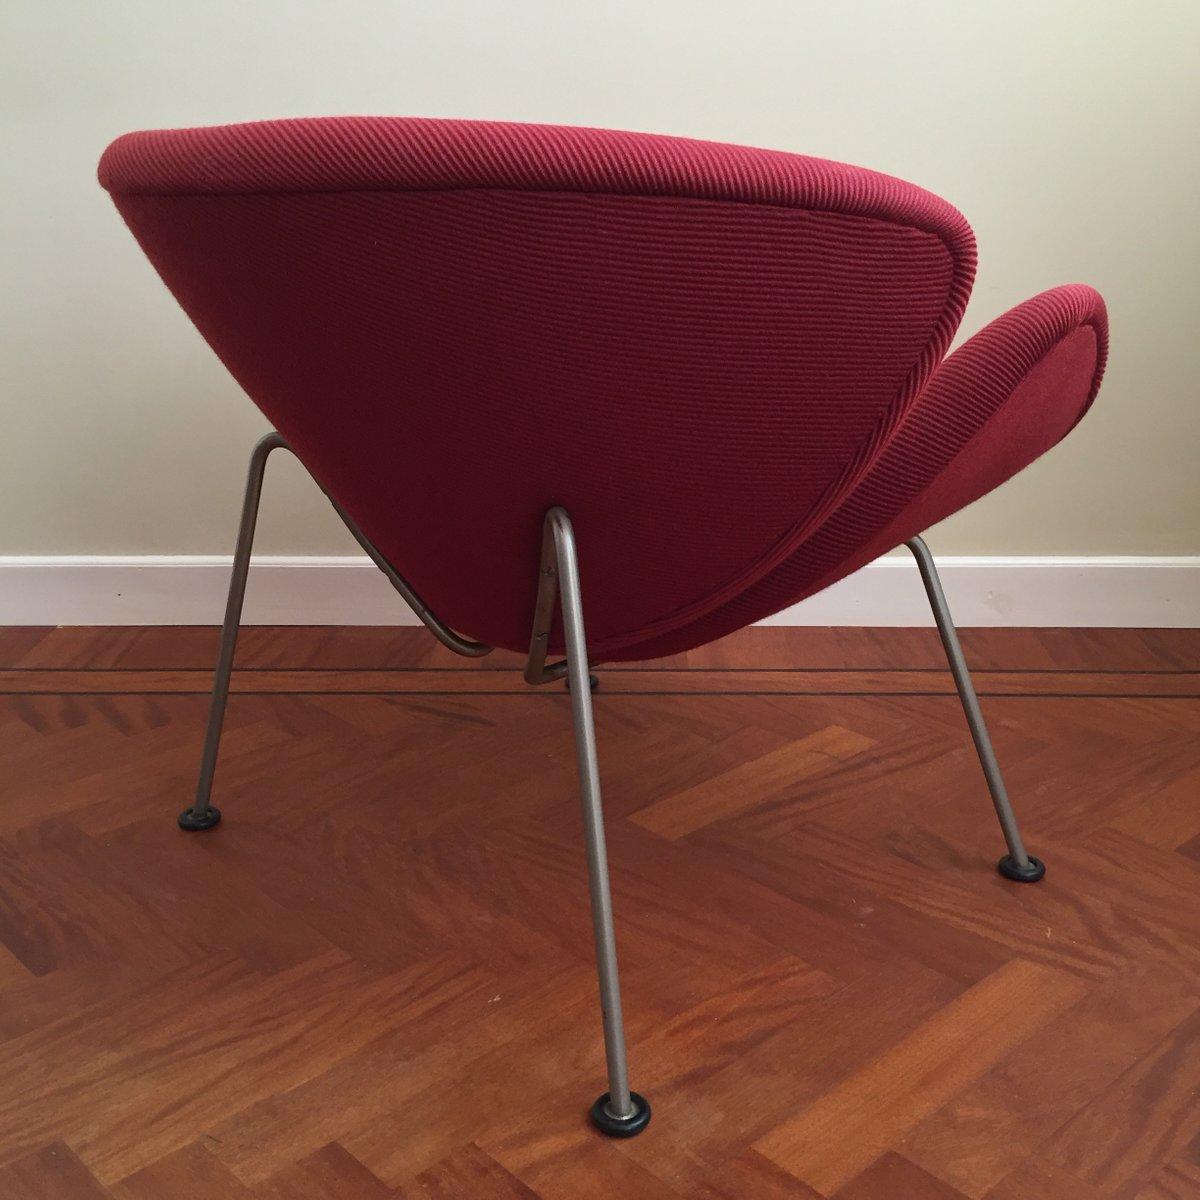 fauteuil vintage orange par pierre paulin pour artifort en vente sur pamono. Black Bedroom Furniture Sets. Home Design Ideas